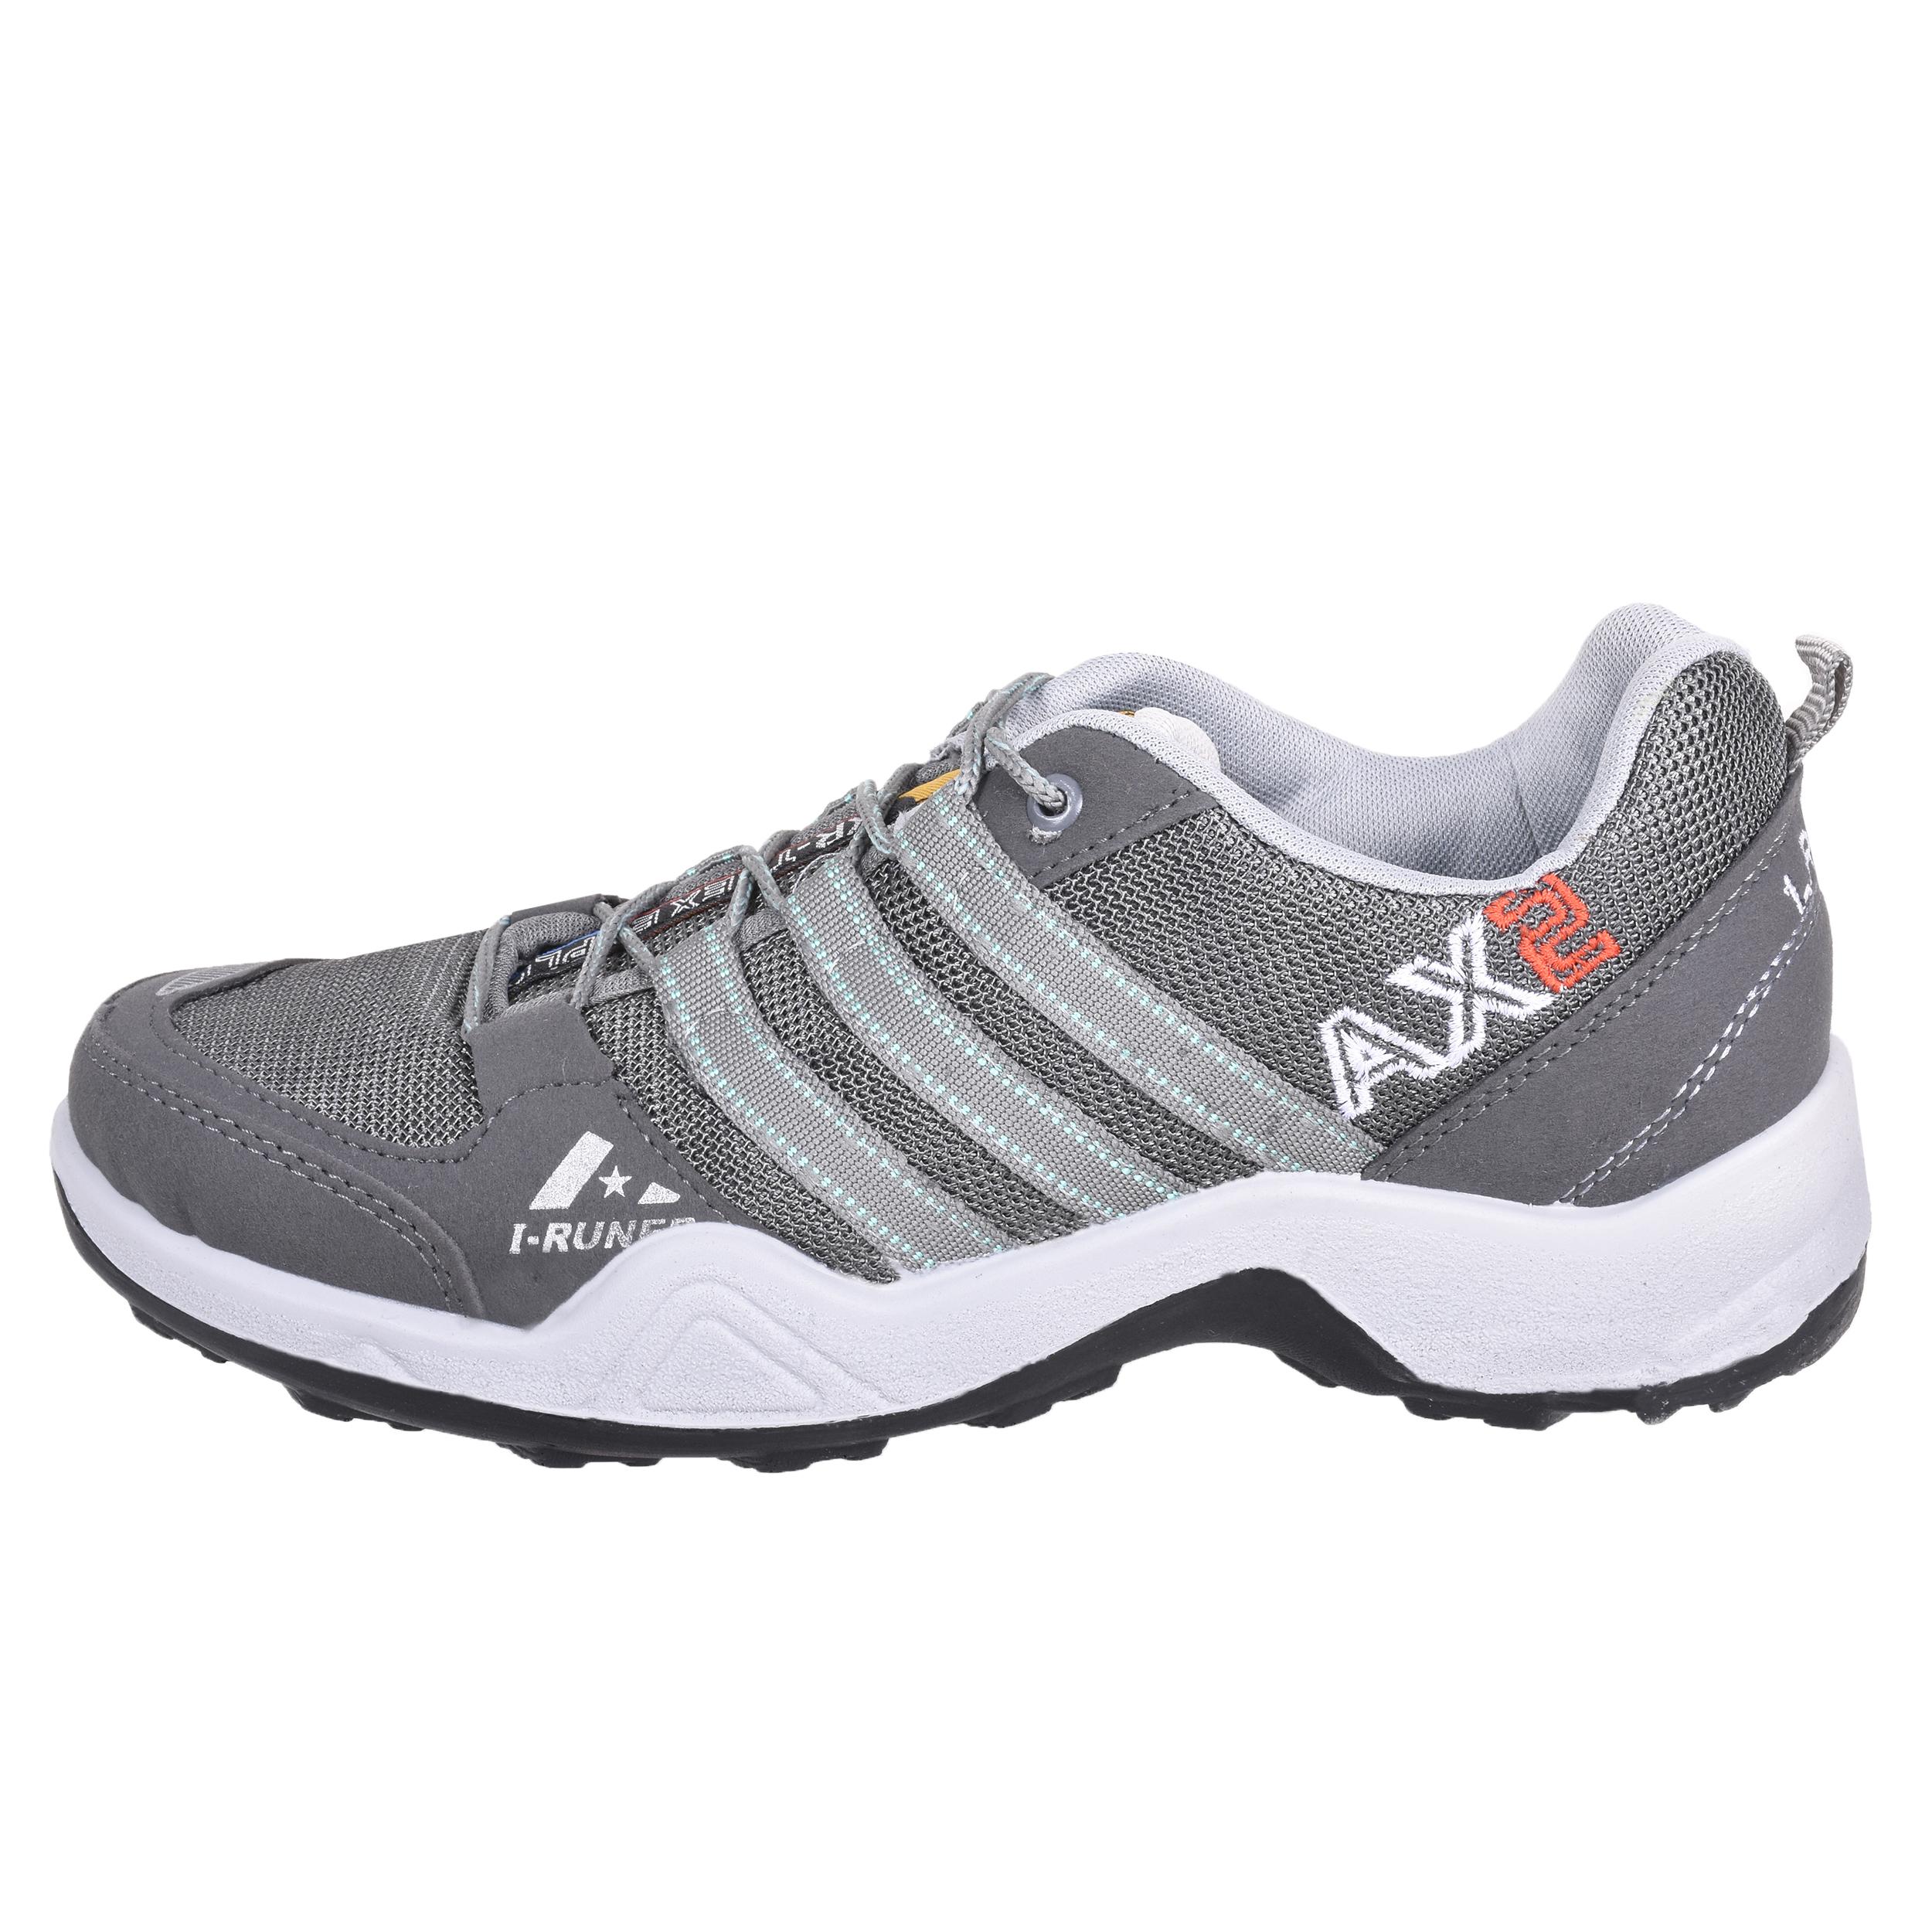 کفش مخصوص پیاده روی مردانه کد 21-39605